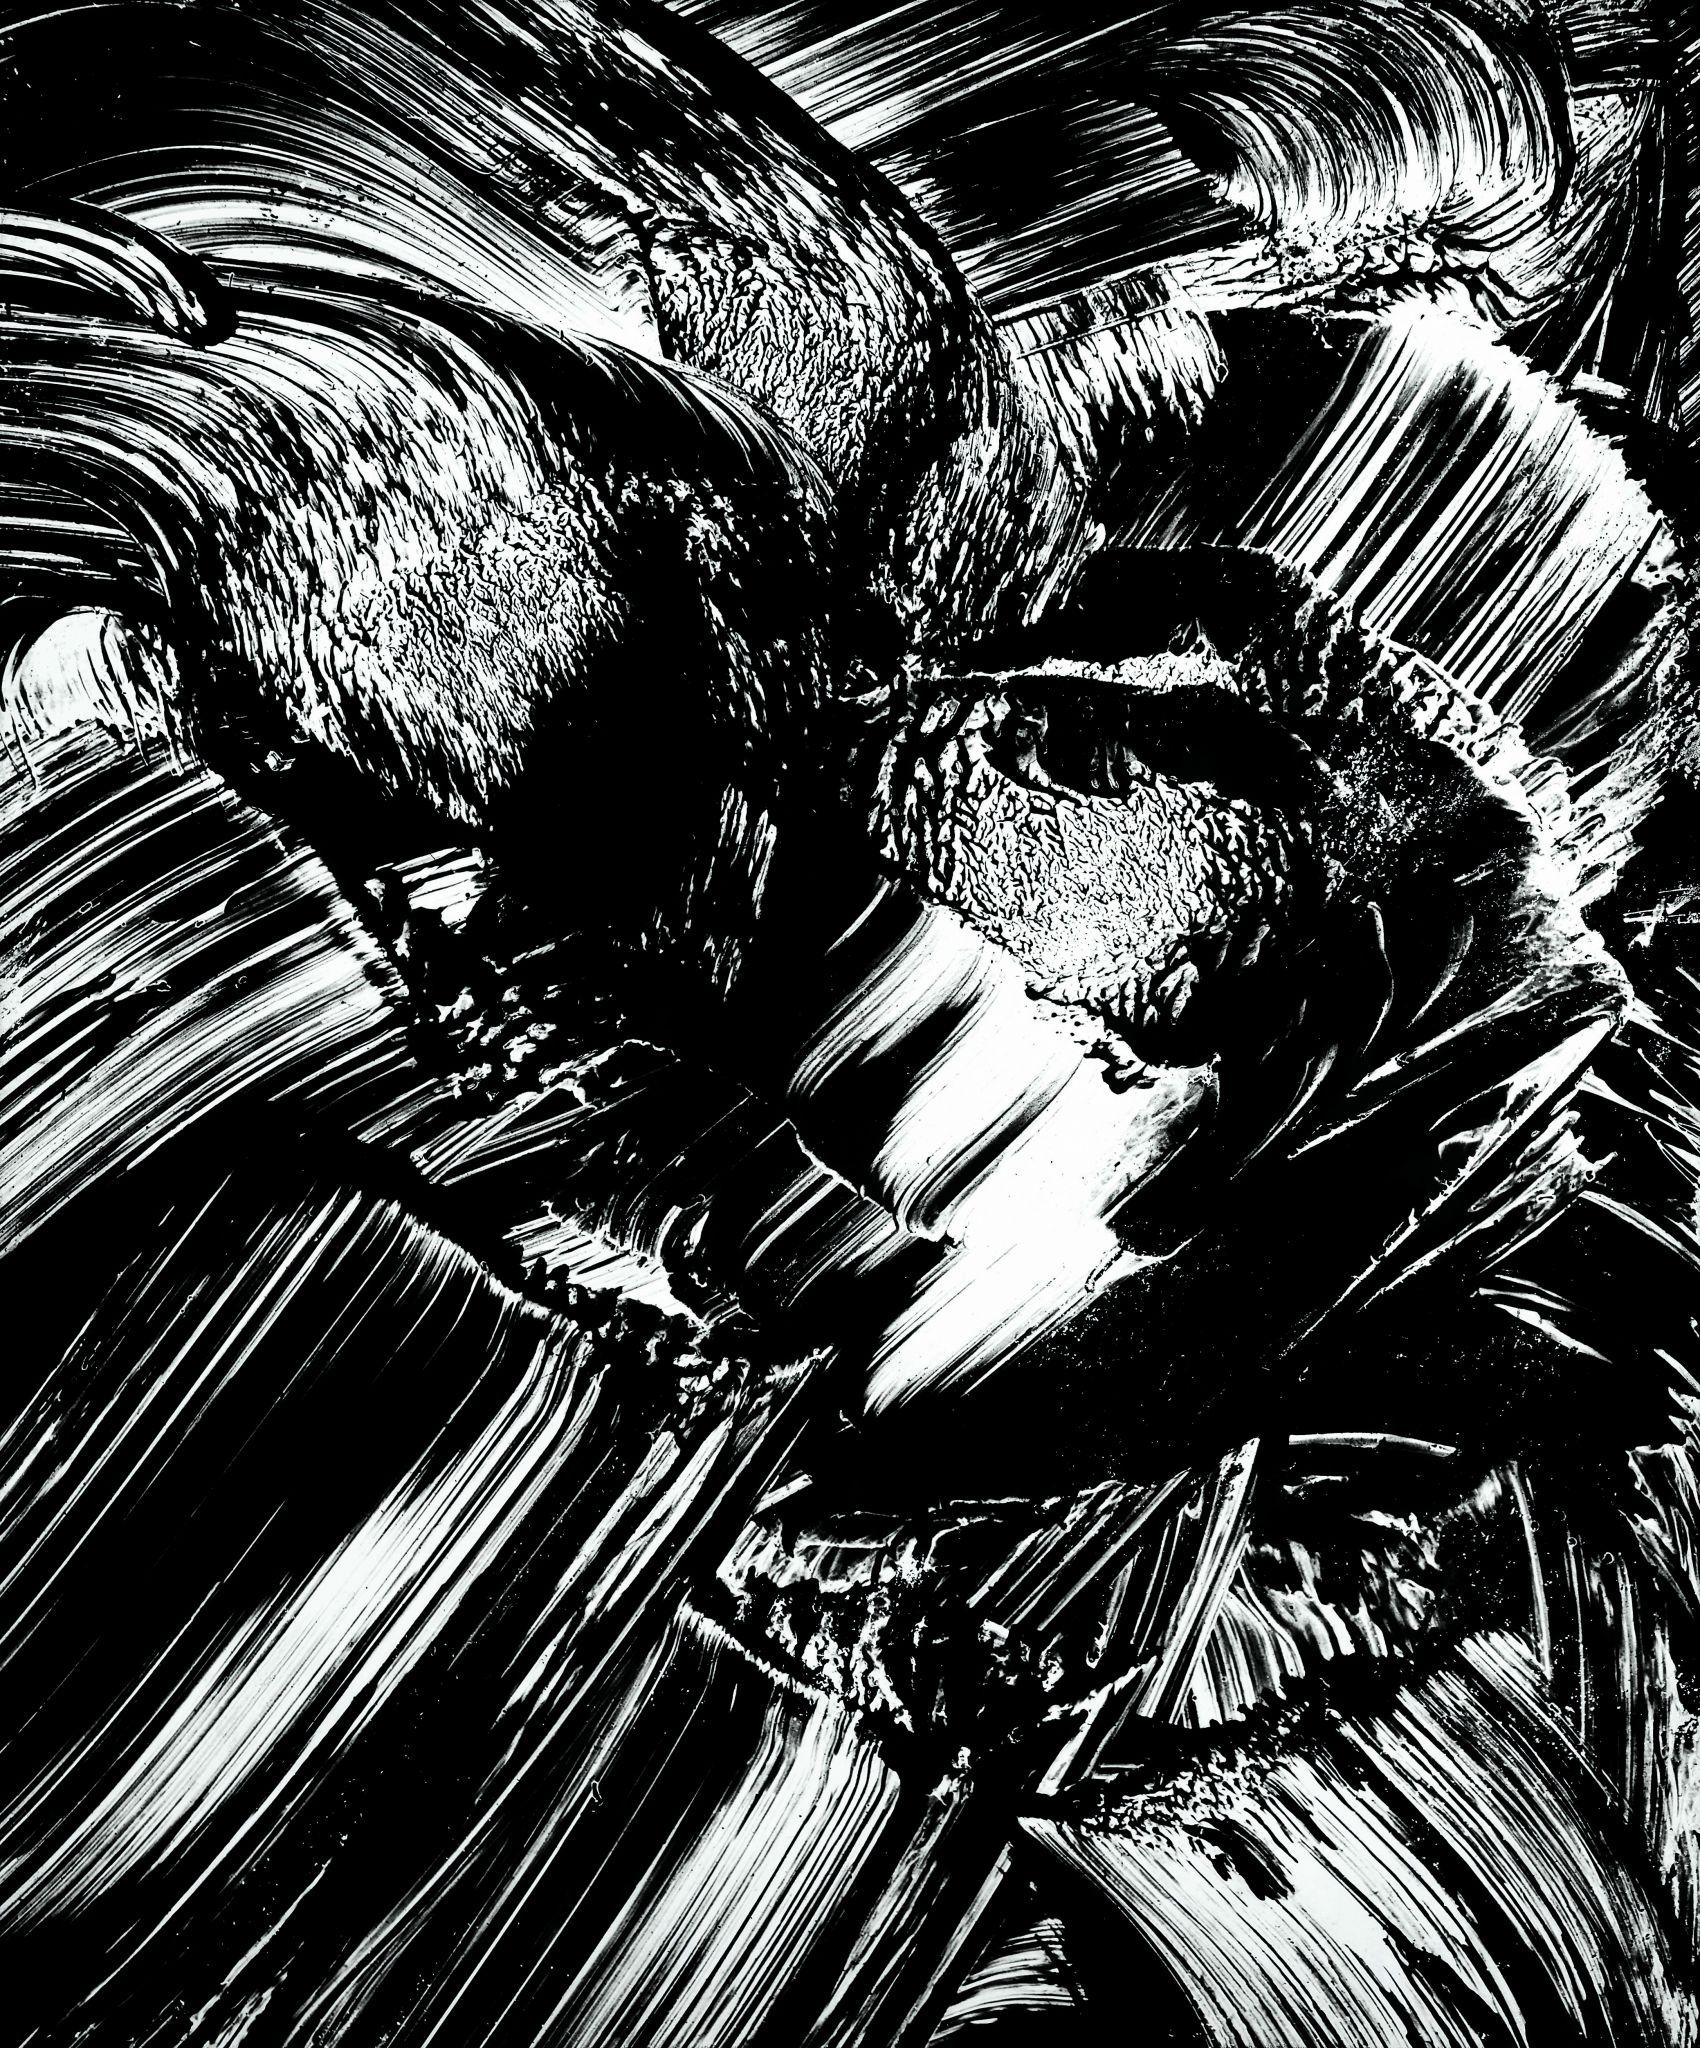 """José Oiticica Filho, """"Recriação 38A"""", 1964. © Acervo Projeto Hélio Oiticica. Digitalização: Carlo Cirenza e César Oiticica Filho. Tratamento de imagem: Carlo Cirenza, Fabio Sampaio e Murilo Moser."""